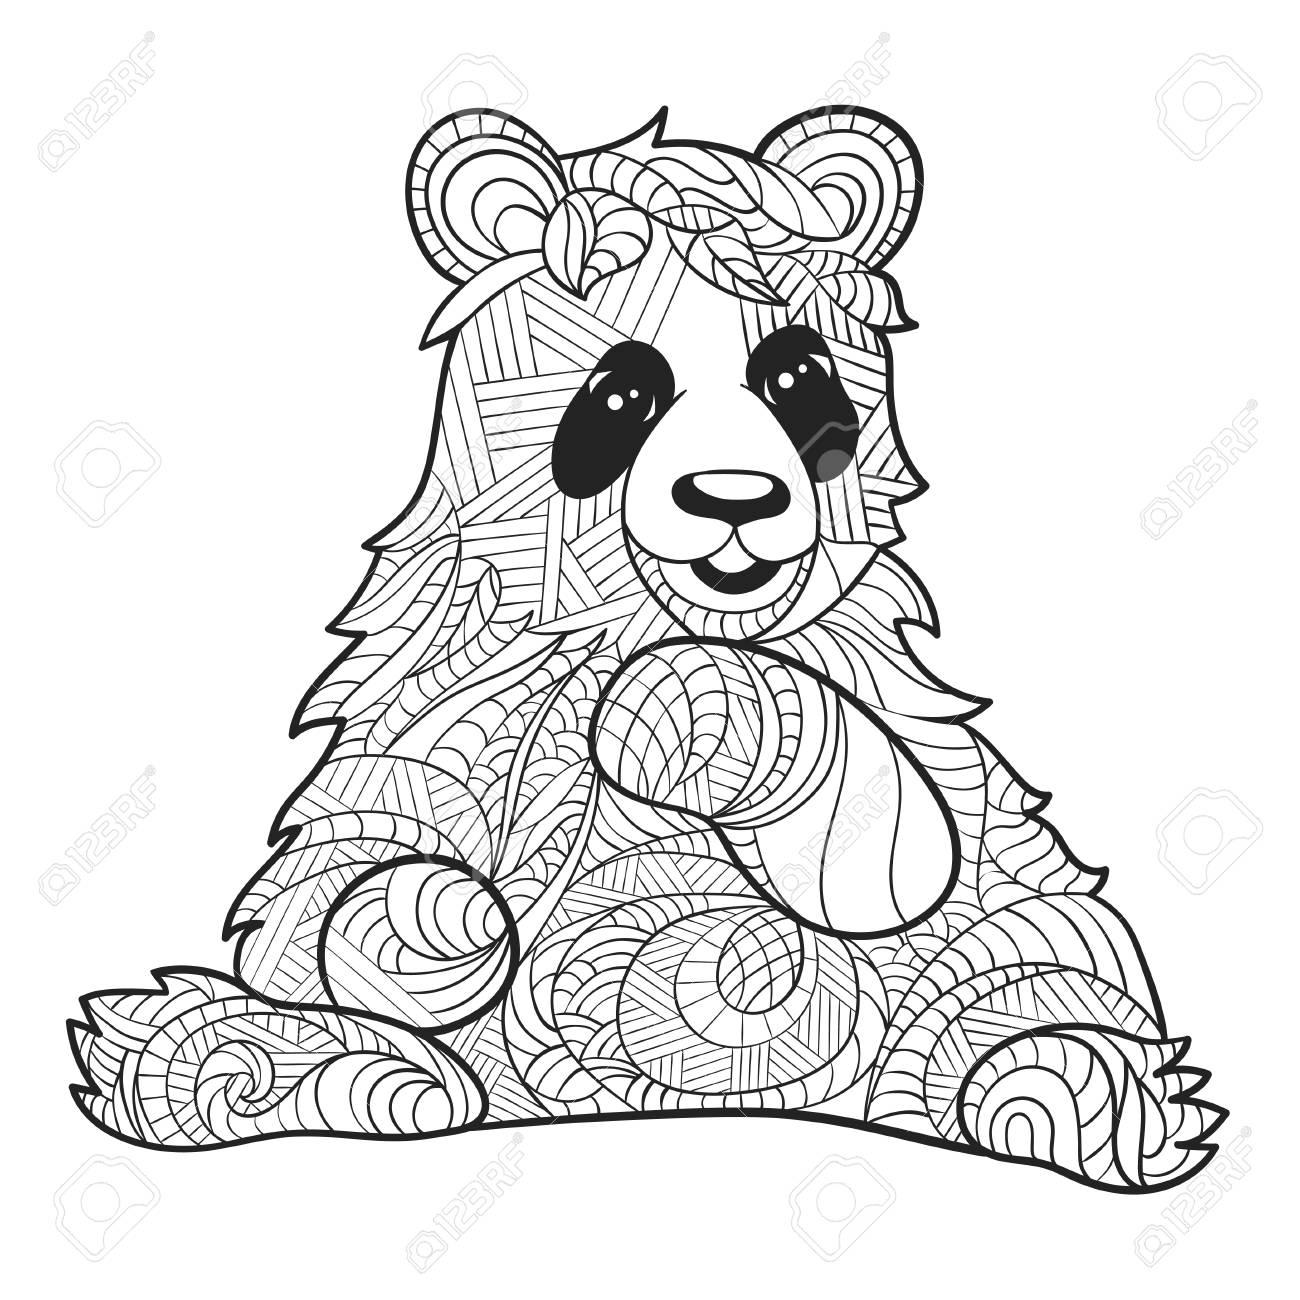 La Mano En Blanco Y Negro Del Vector Dibujado La Ilustración Zentagle De Oso Panda Página Para Colorear Con Detalles Altos Aislados Sobre Fondo